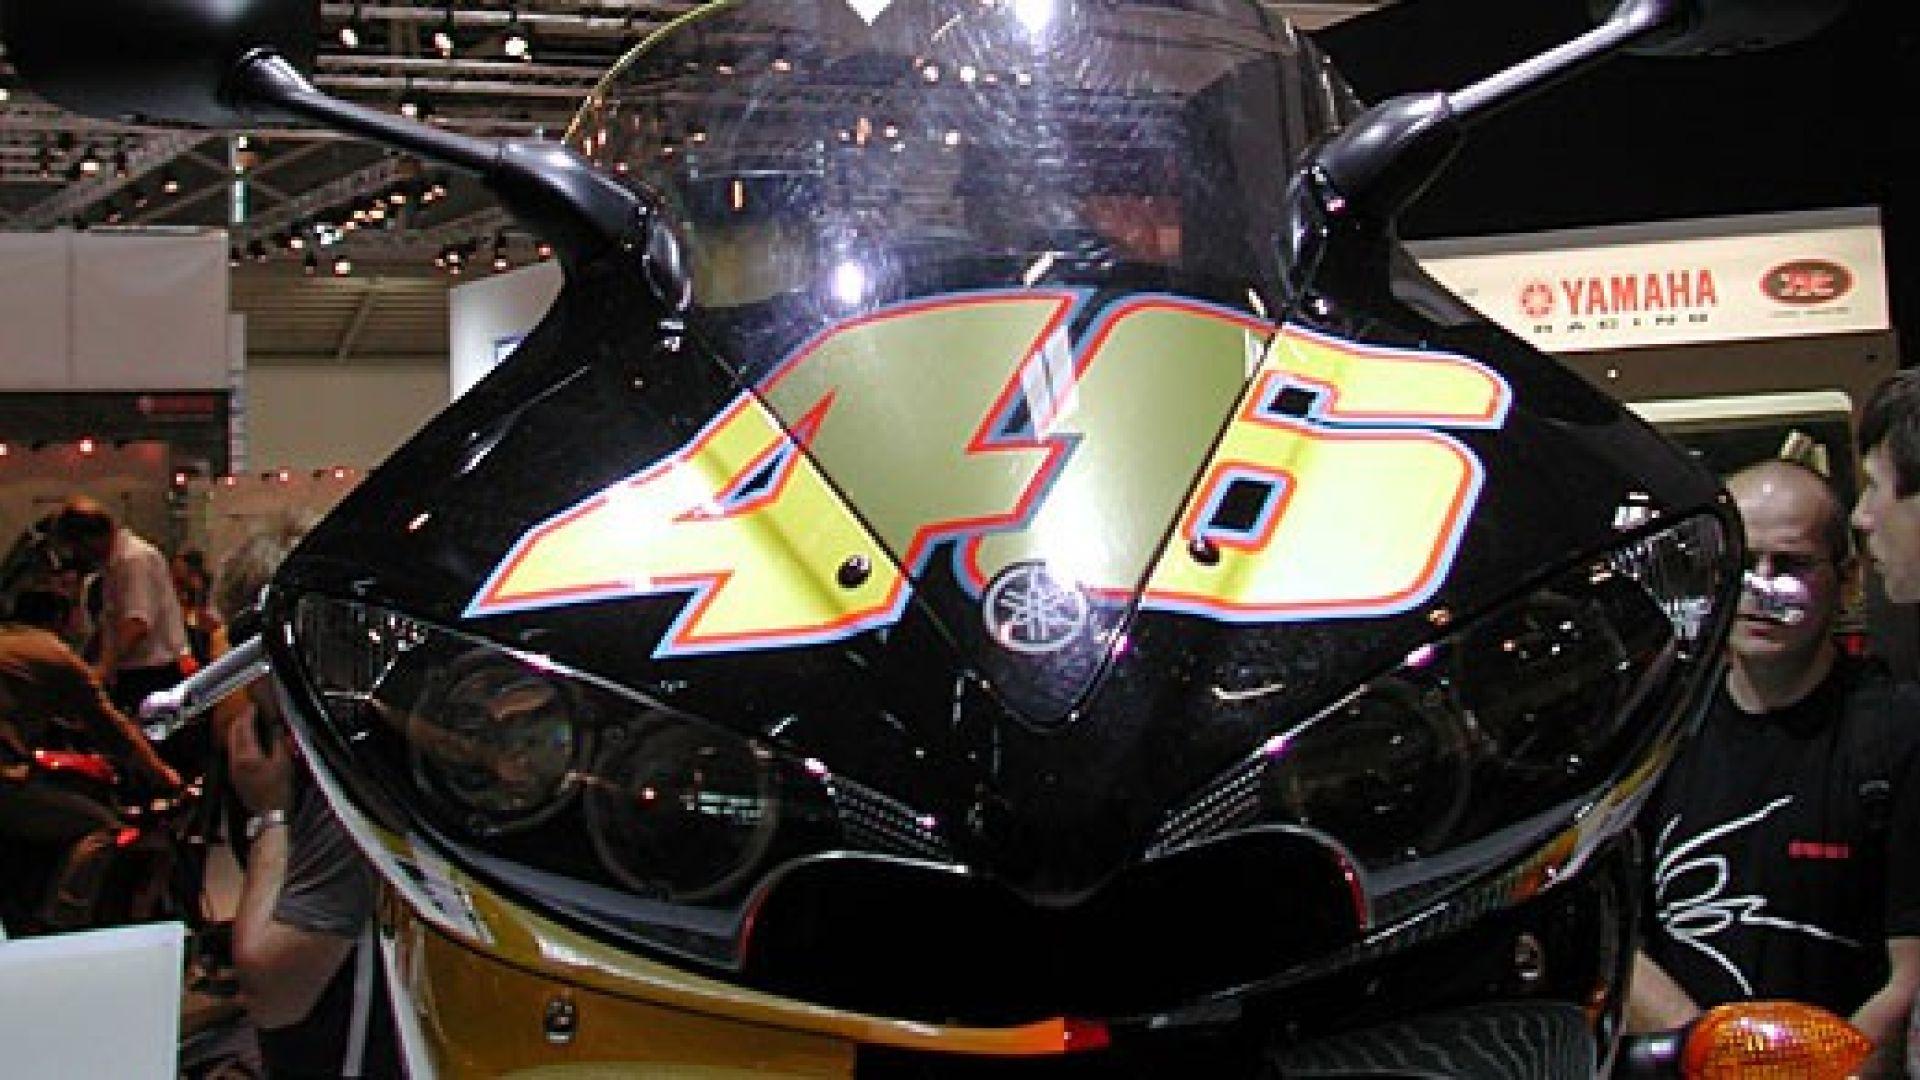 Immagine 3: Yamaha R6 2005